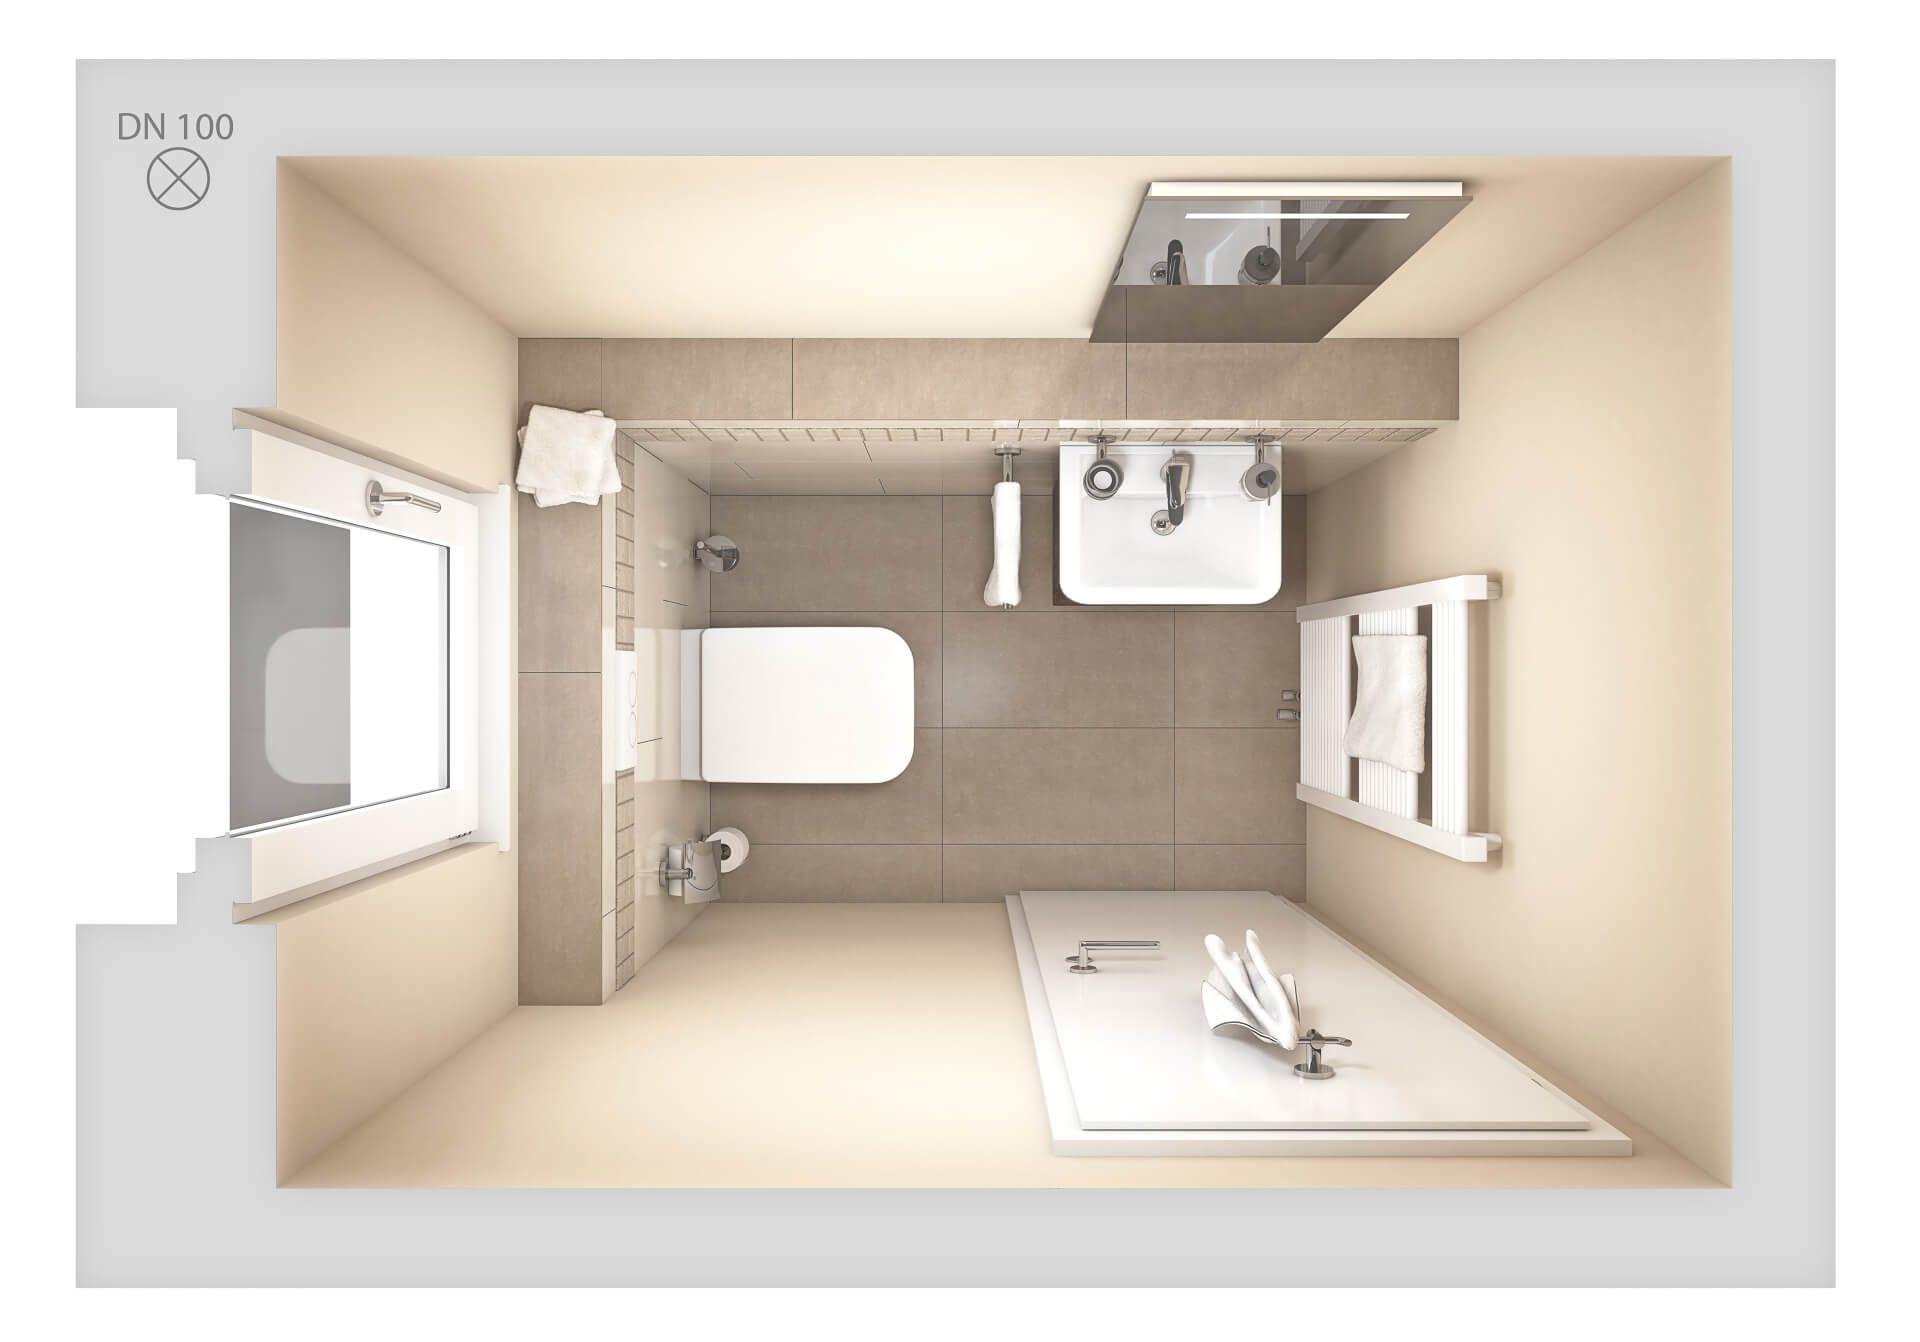 Badplaner Jetzt Badezimmer Planen Mit Obi In 2020 Badezimmer Planen Helle Badezimmer Gaste Wc